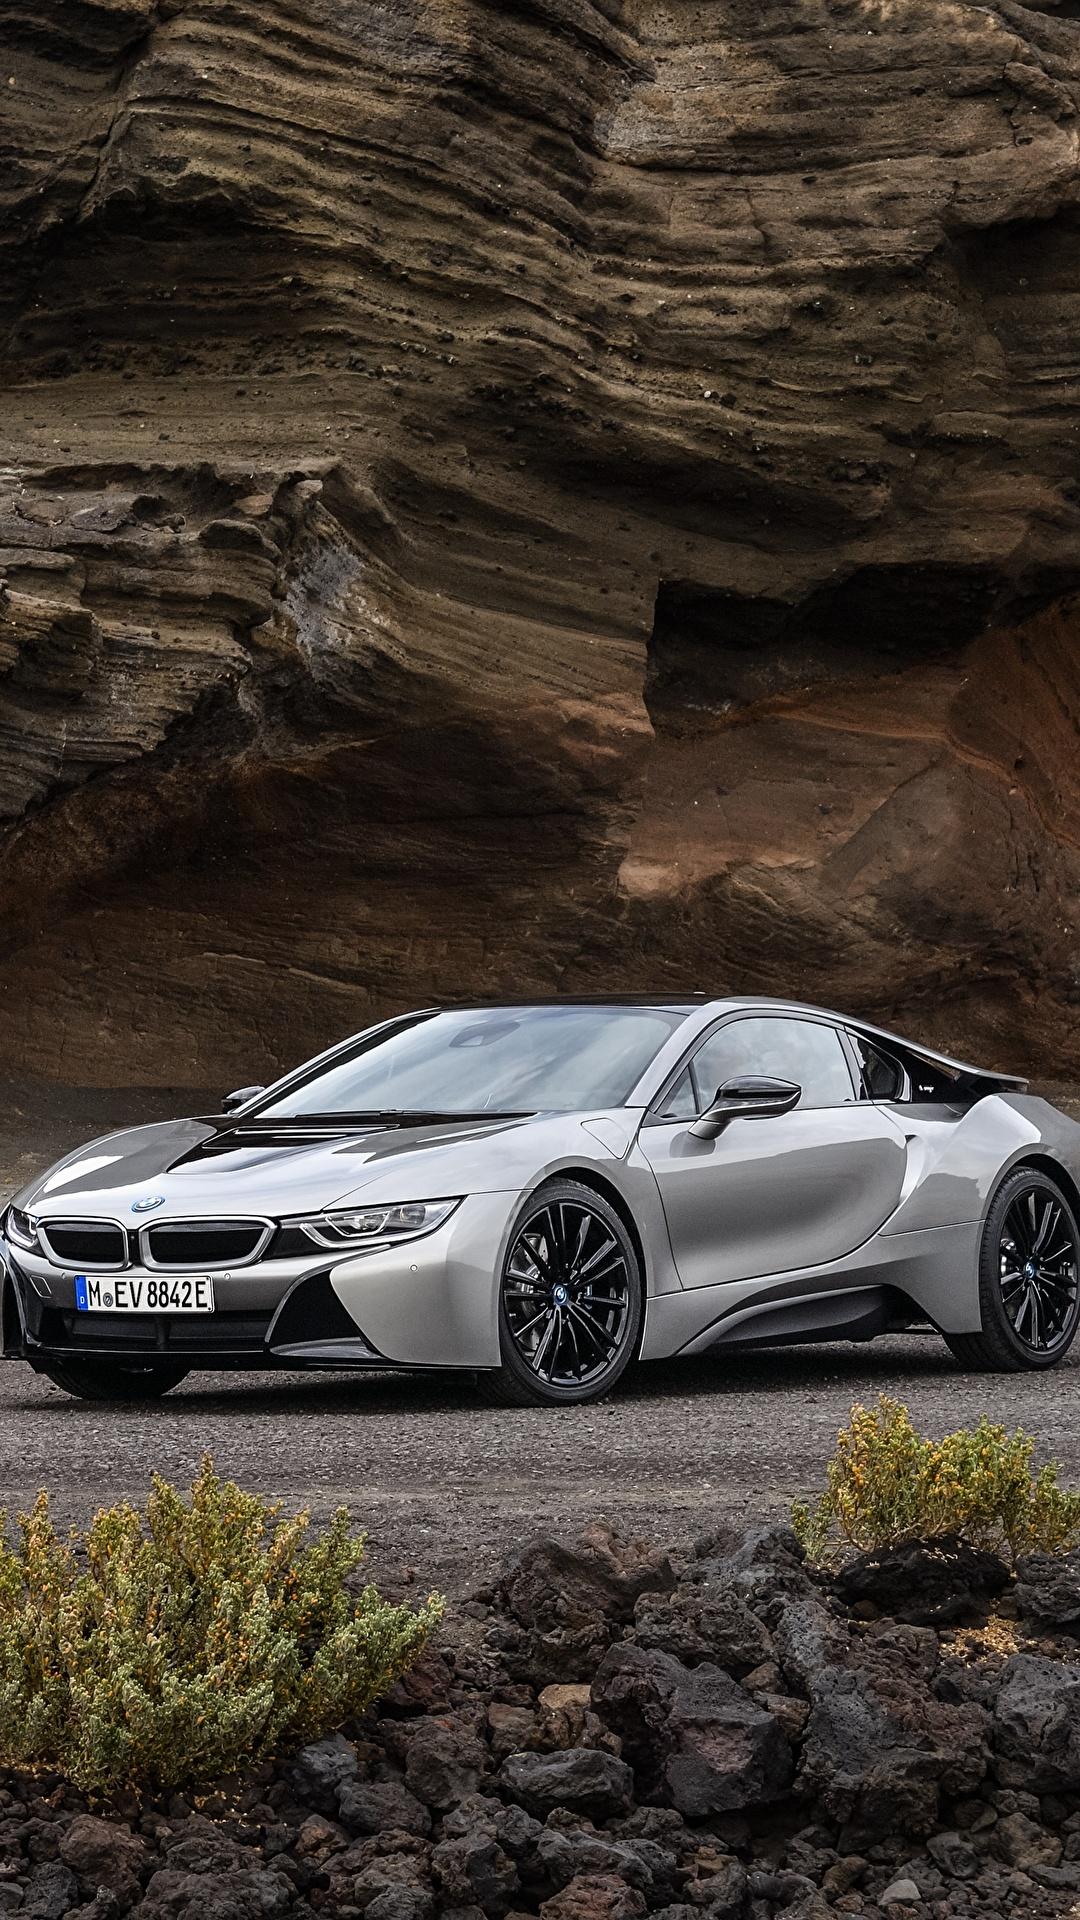 Картинки BMW 2018 i8 Купе серая Металлик автомобиль 1080x1920 для мобильного телефона БМВ серые Серый авто машина машины Автомобили